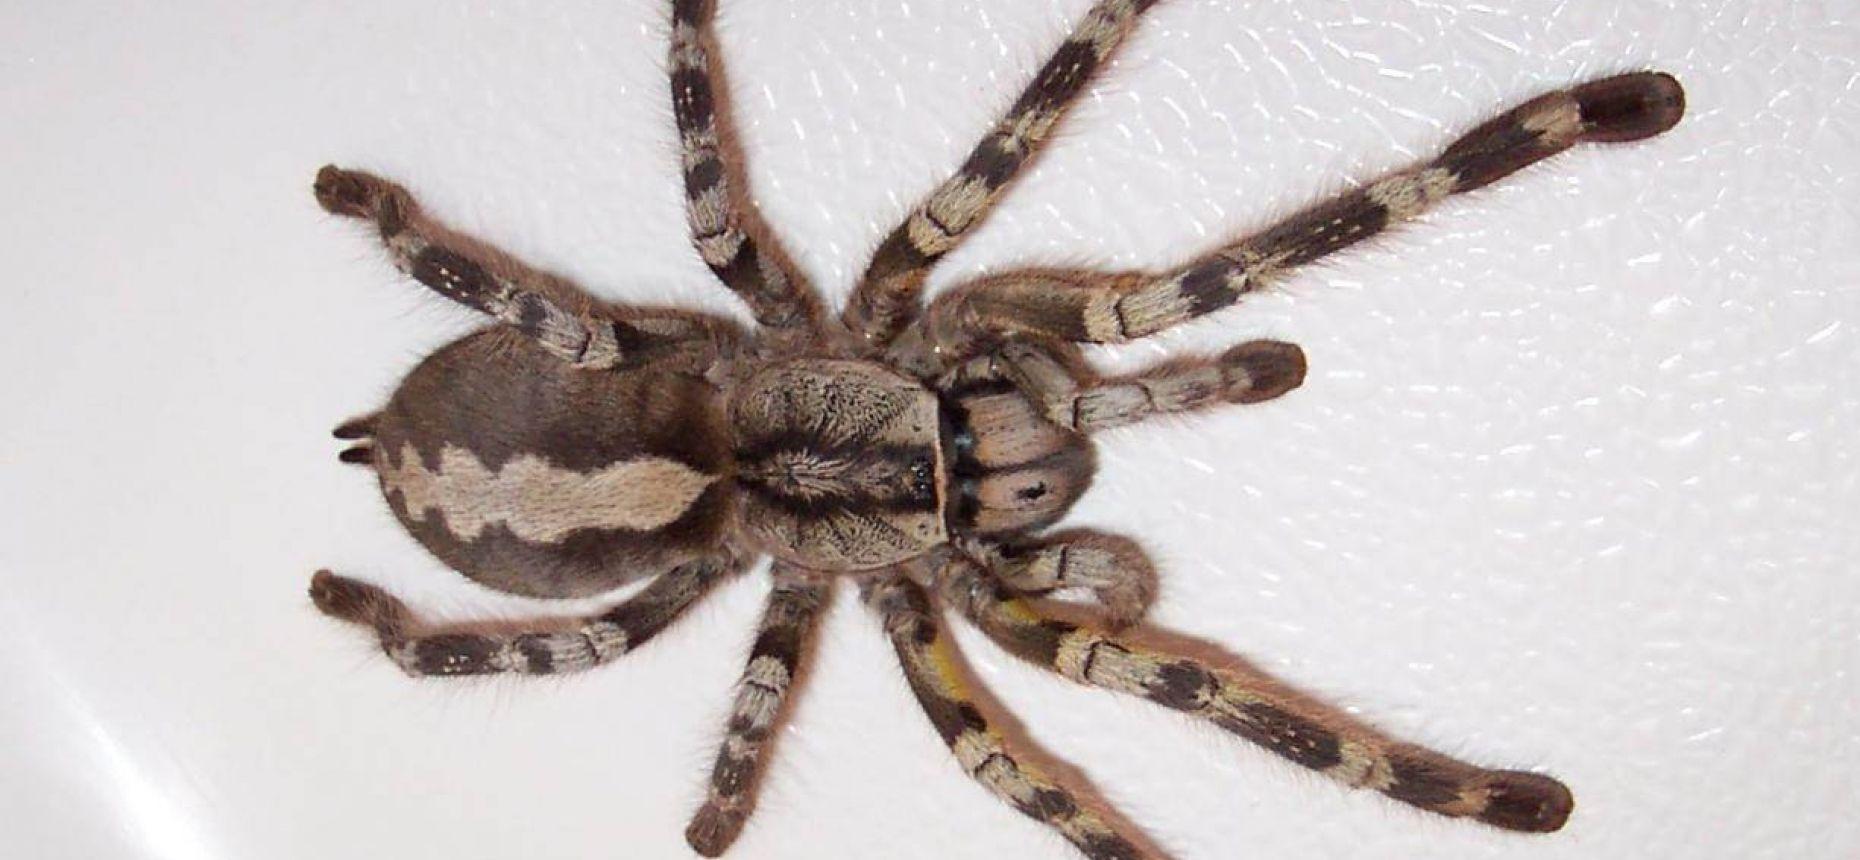 У пауков имеется способность превращать жидкий шелк, который вырабатывается внутри их тел, в твердые нити. Пауки делают это с помощью особых прядильных органов, которые находятся у них на животах. Через них пропускается шелк, который, в конечном итоге, превращается в длинную нить для строительства паутины. Когда нить готова, паук поднимает свои прядильные органы и ловит порыв ветра. Именно легкий ветерок является помощником для паука, который хочет натянуть паутину с одного дерева до другого.